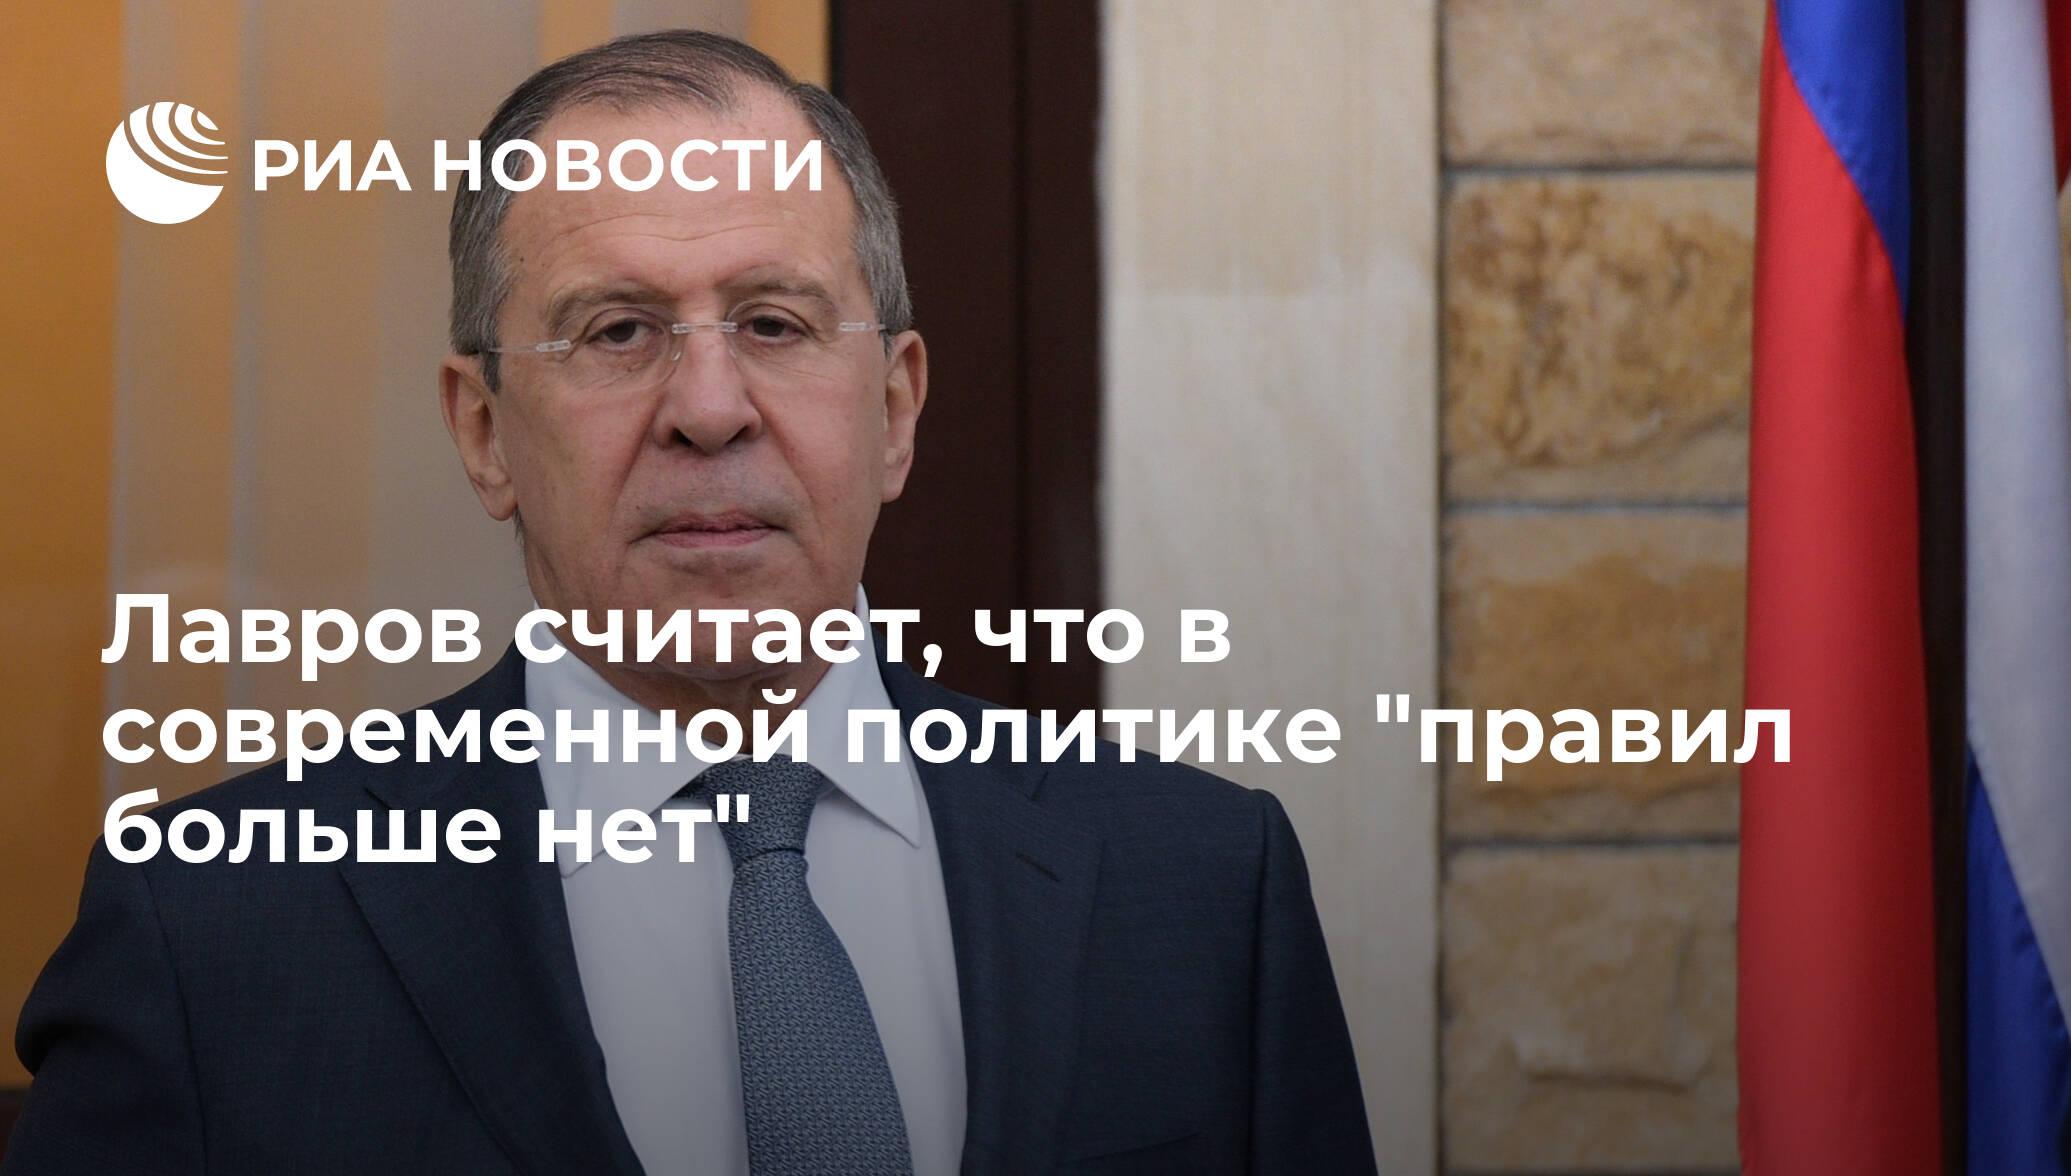 """Лавров считает, что в современной политике """"правил больше нет"""" - РИА Новости, 25.04.2017"""